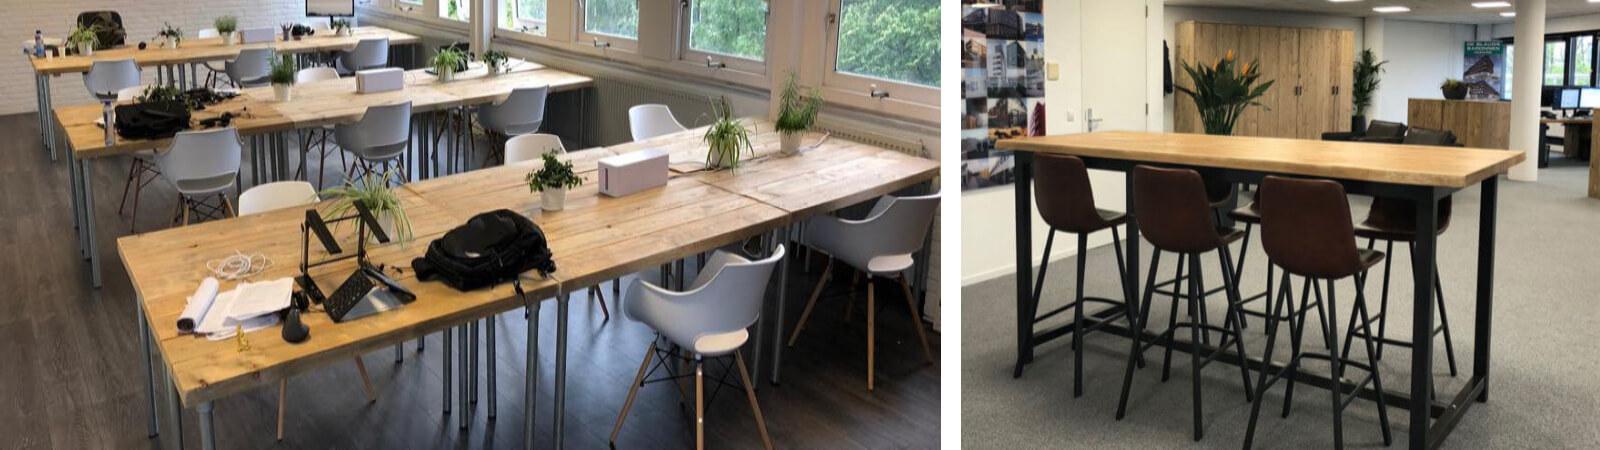 Kantoor inrichting met steigerhouten tafels met industriele poten